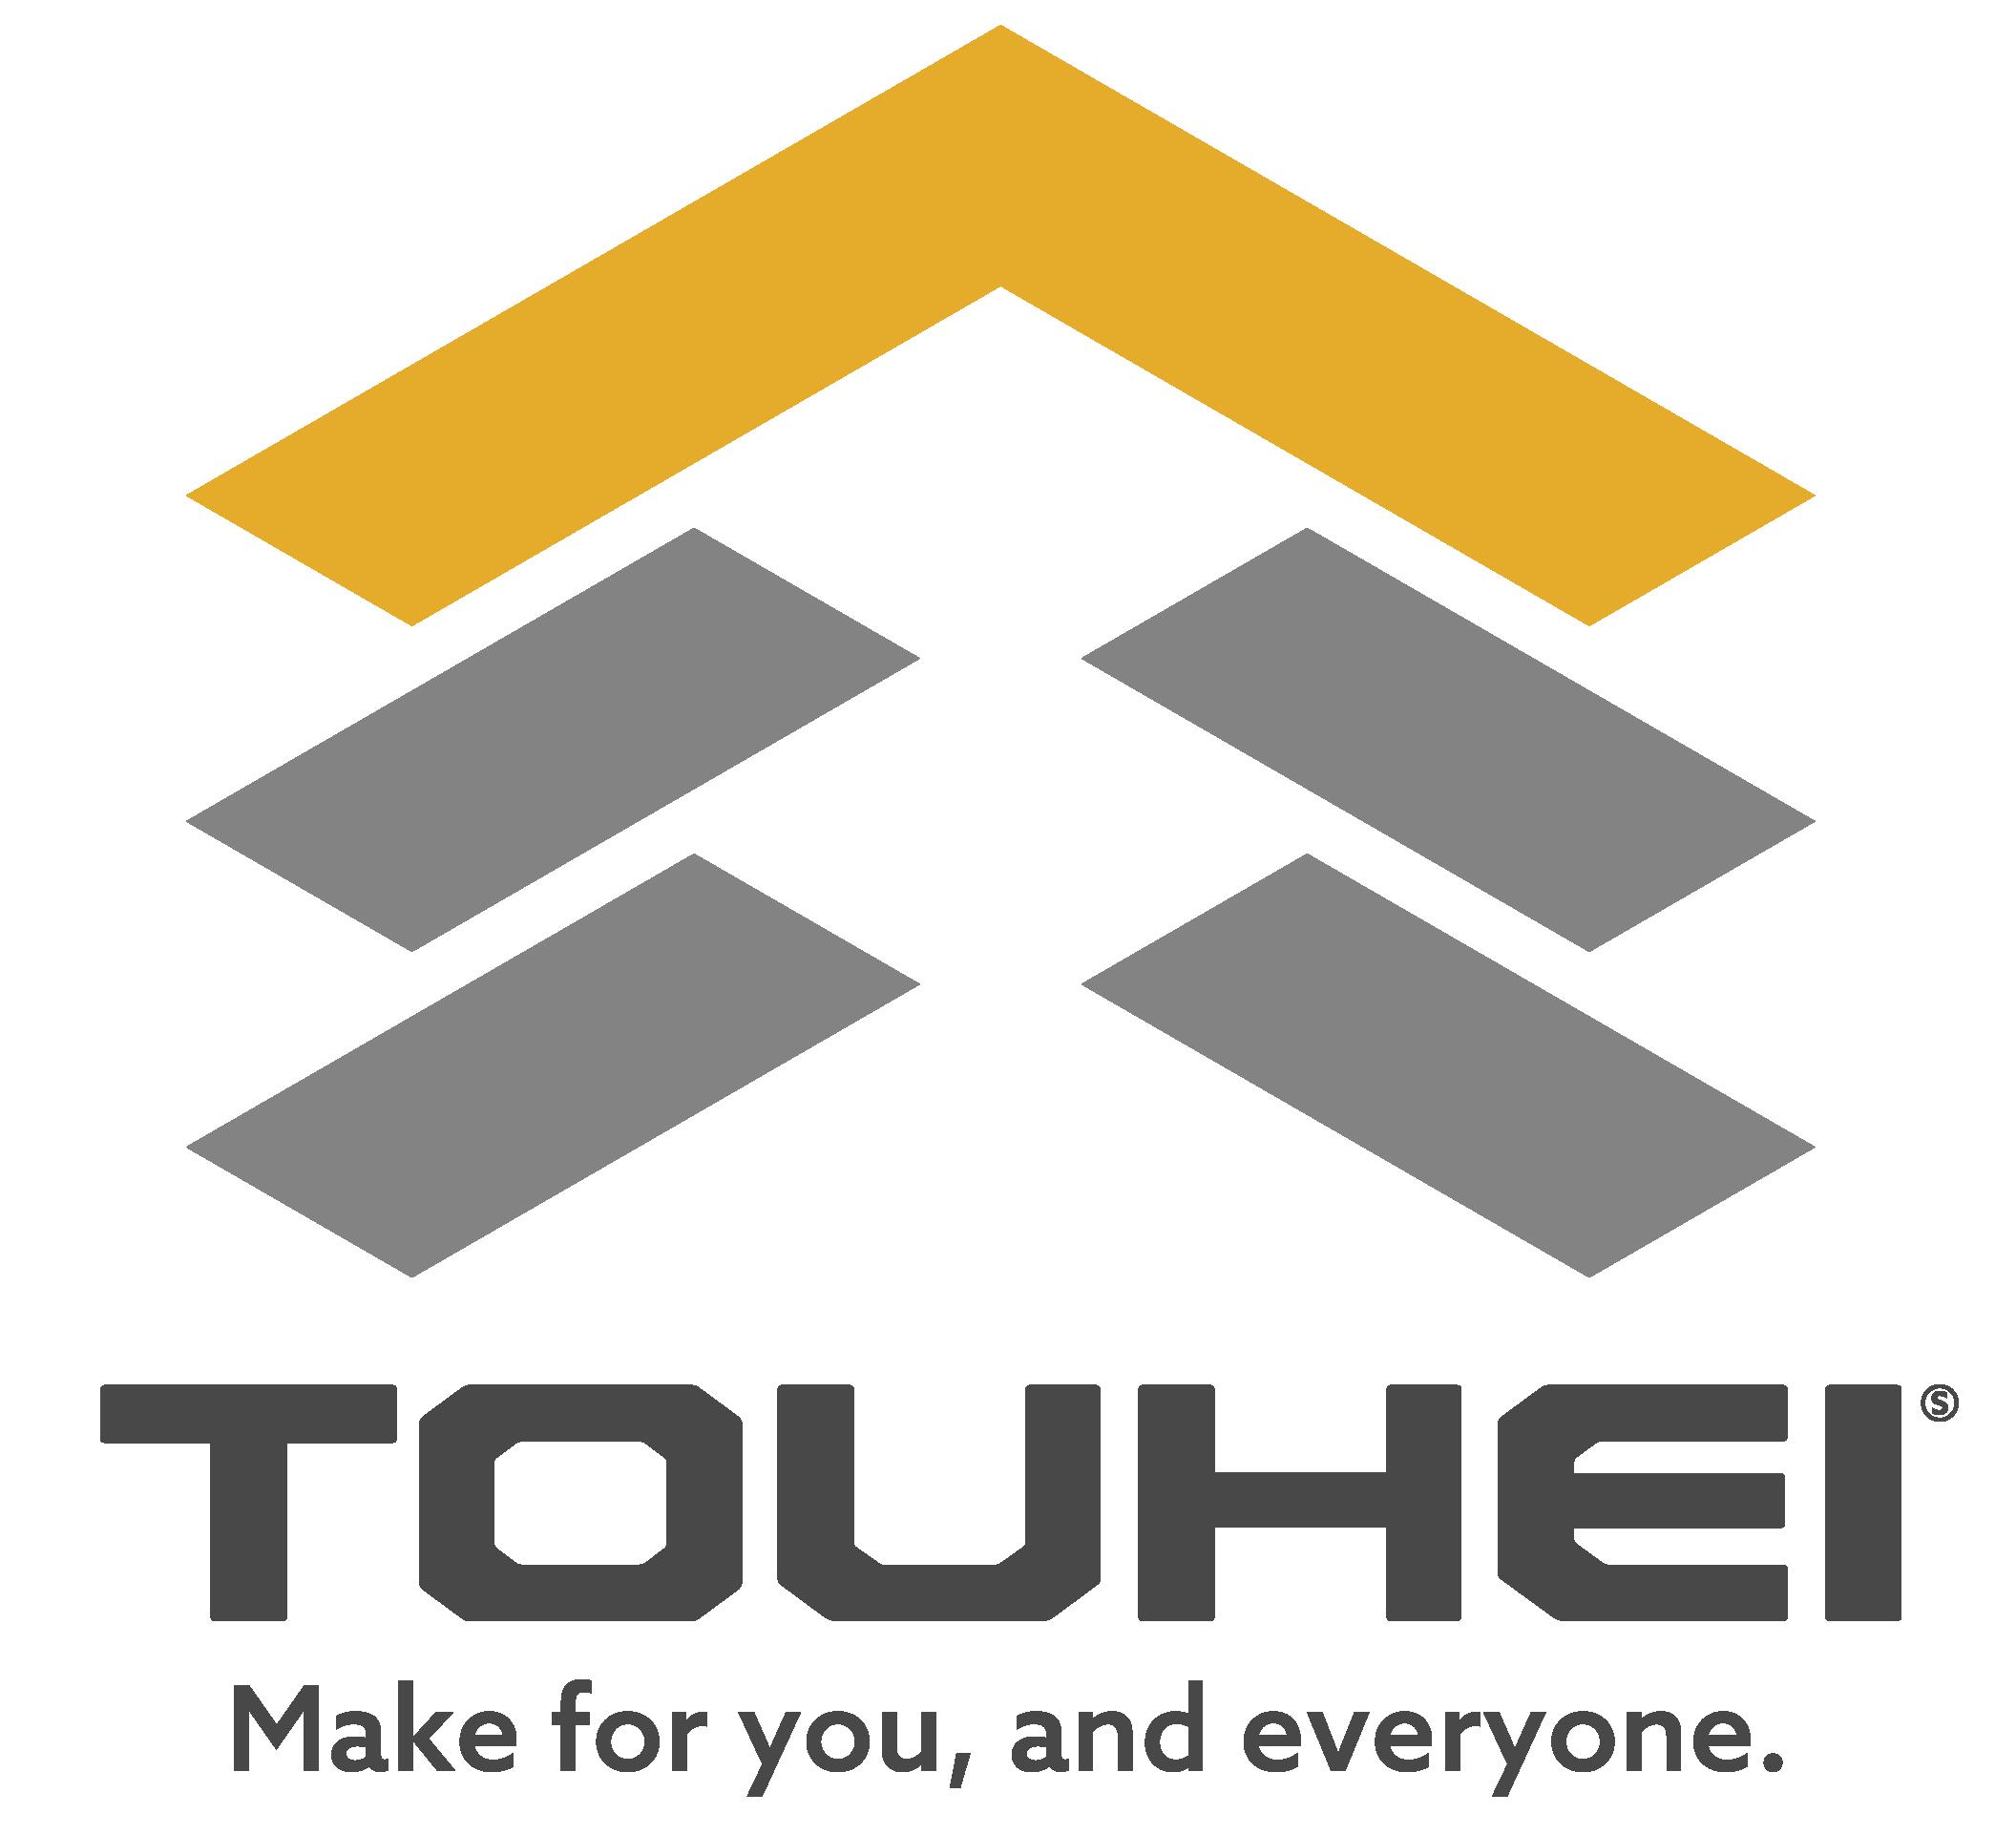 touhei-07%402x.png